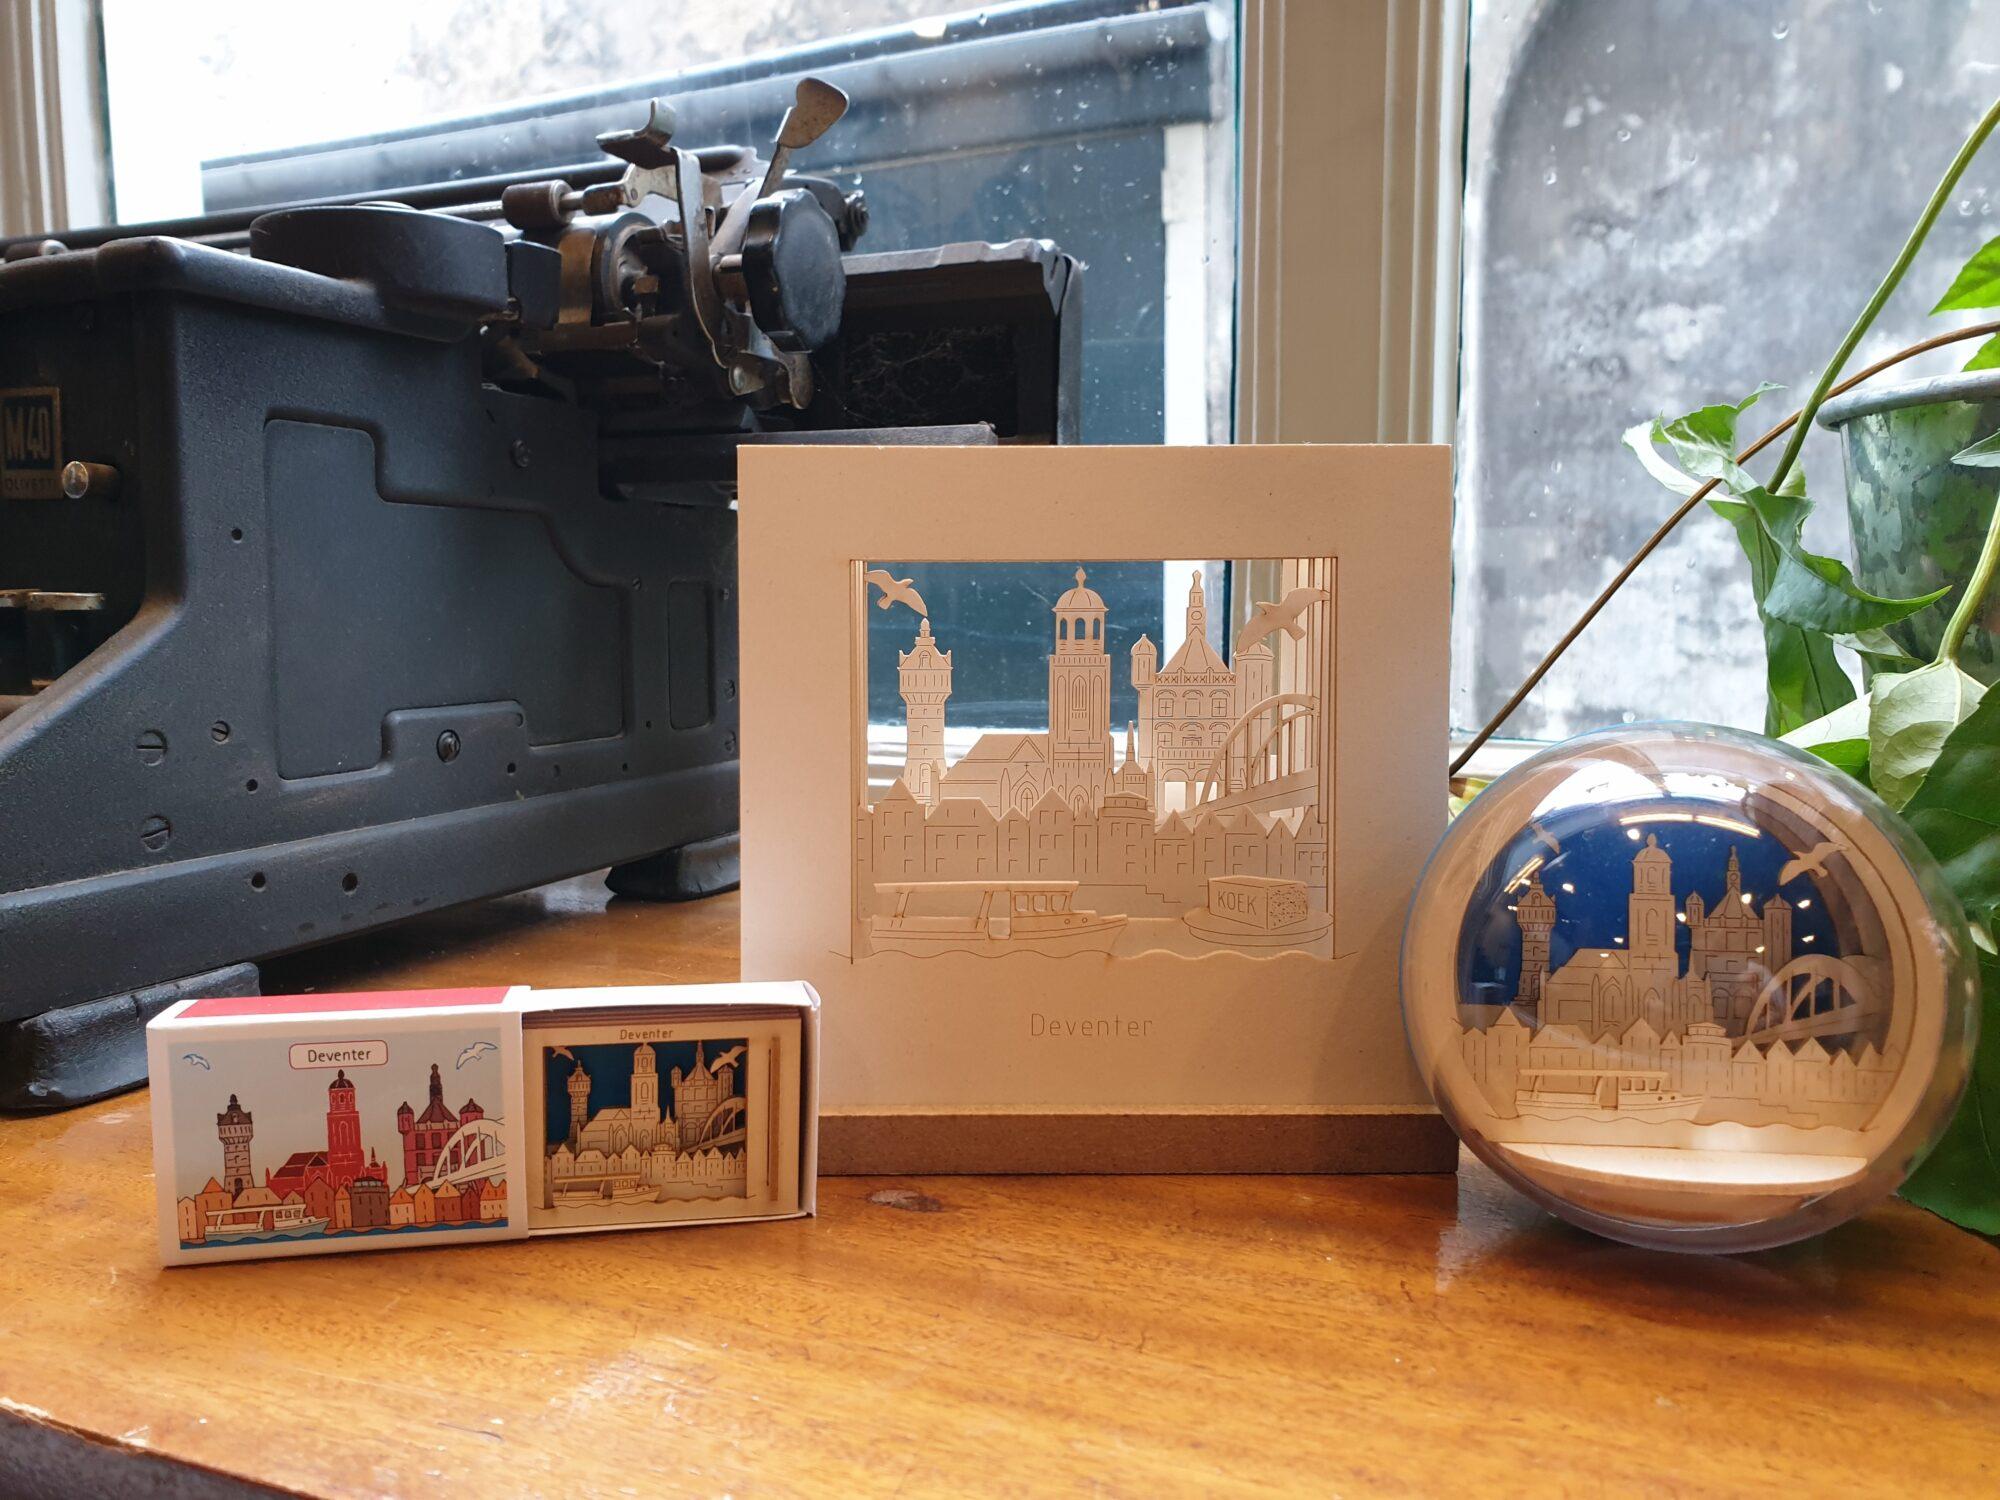 VVV Tip van de Week: Souvenirs met skyline Deventer